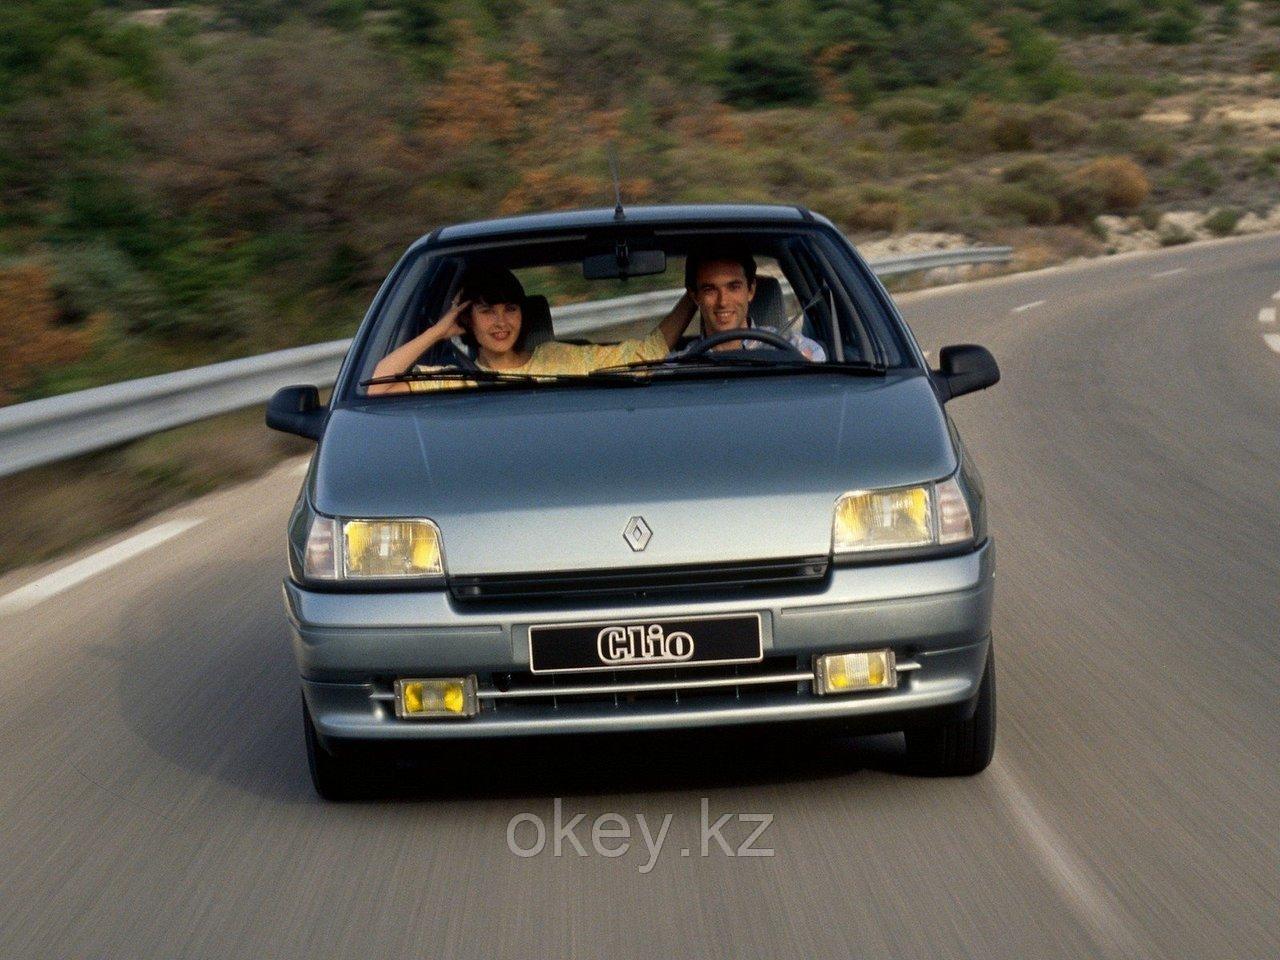 Тормозные колодки Kötl 400KT для Renault Clio I хэтчбек (B/C57_, 5/357_) 1.8 16V (C57D), 1991-1996 года